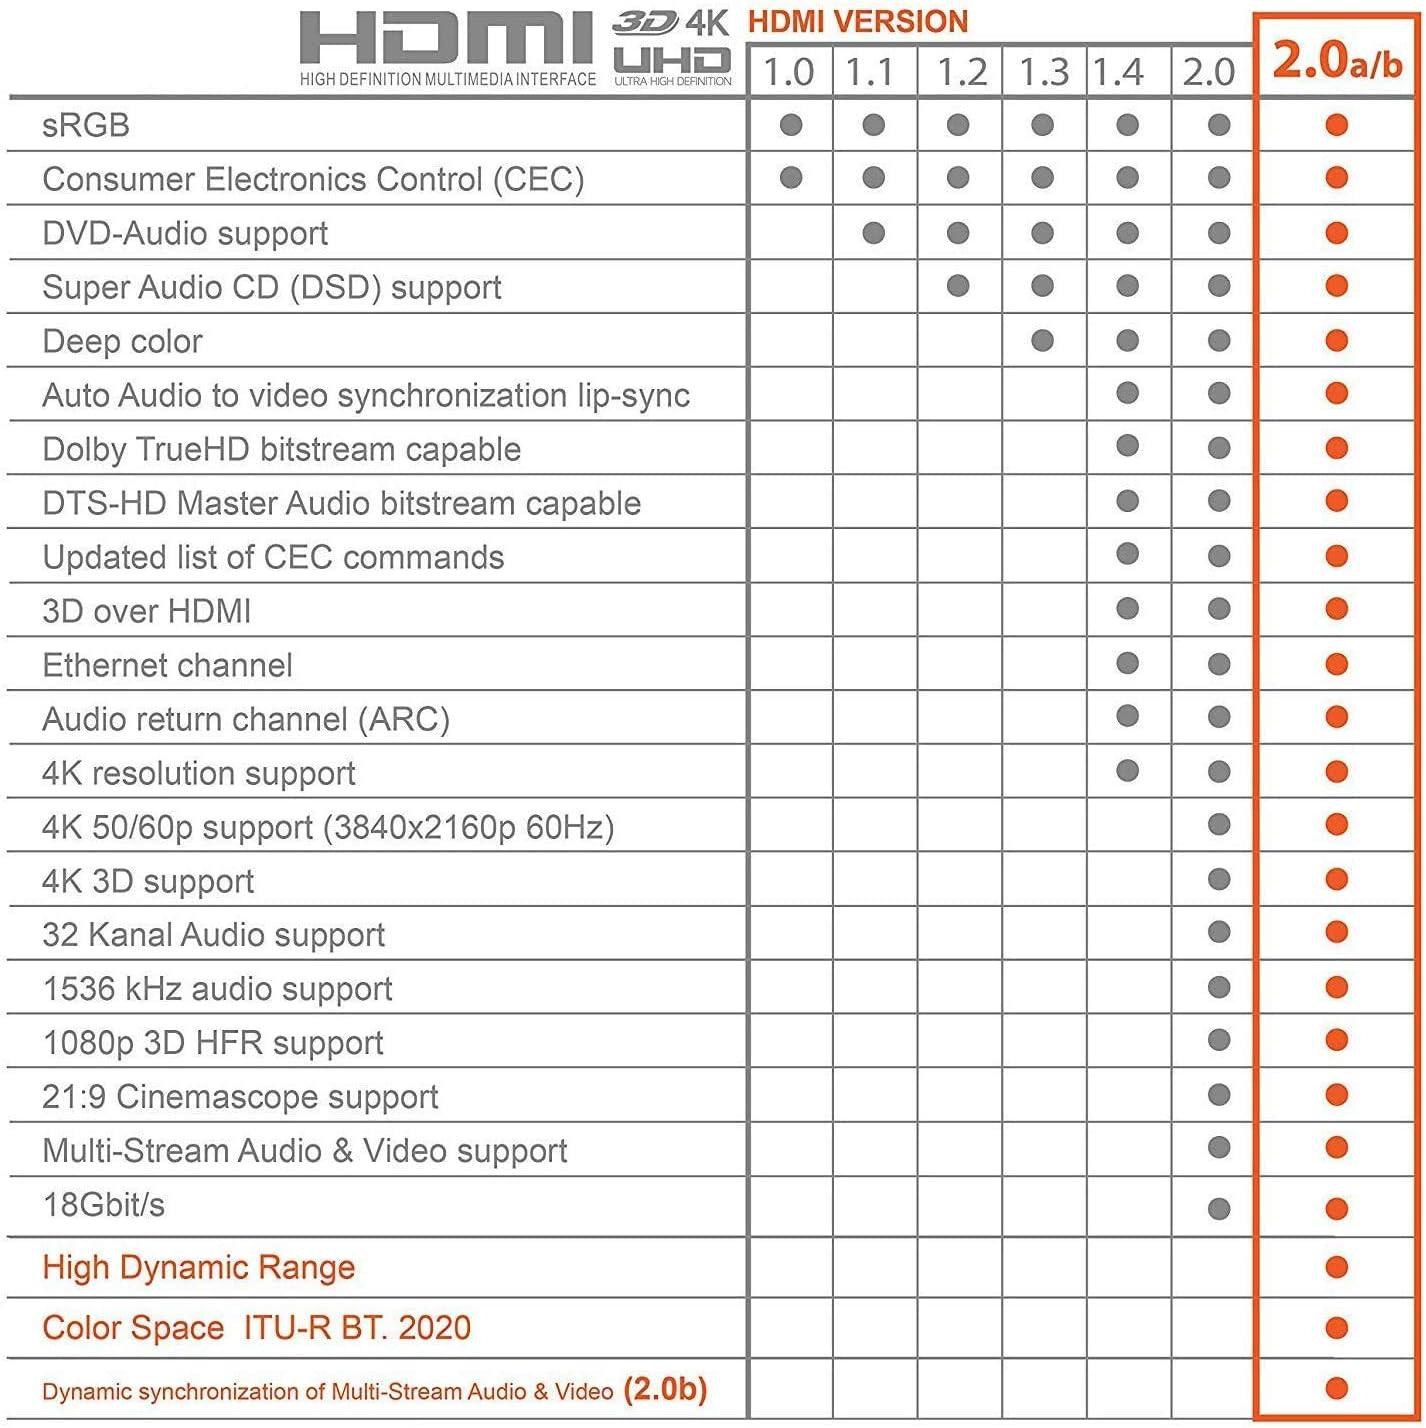 C/âble HDMI 4K 6m Cordon HDMI pour Lecteur Blu-Ray// PS3// PS4// TV 4K Ultra HD//Ecran Sweguard C/âble HDMI 2.0 Haute Vitesse par Ethernet en Nylon Tress/é Supporte 4K@60Hz 2K@144Hz 3D// HDR Retour Audio